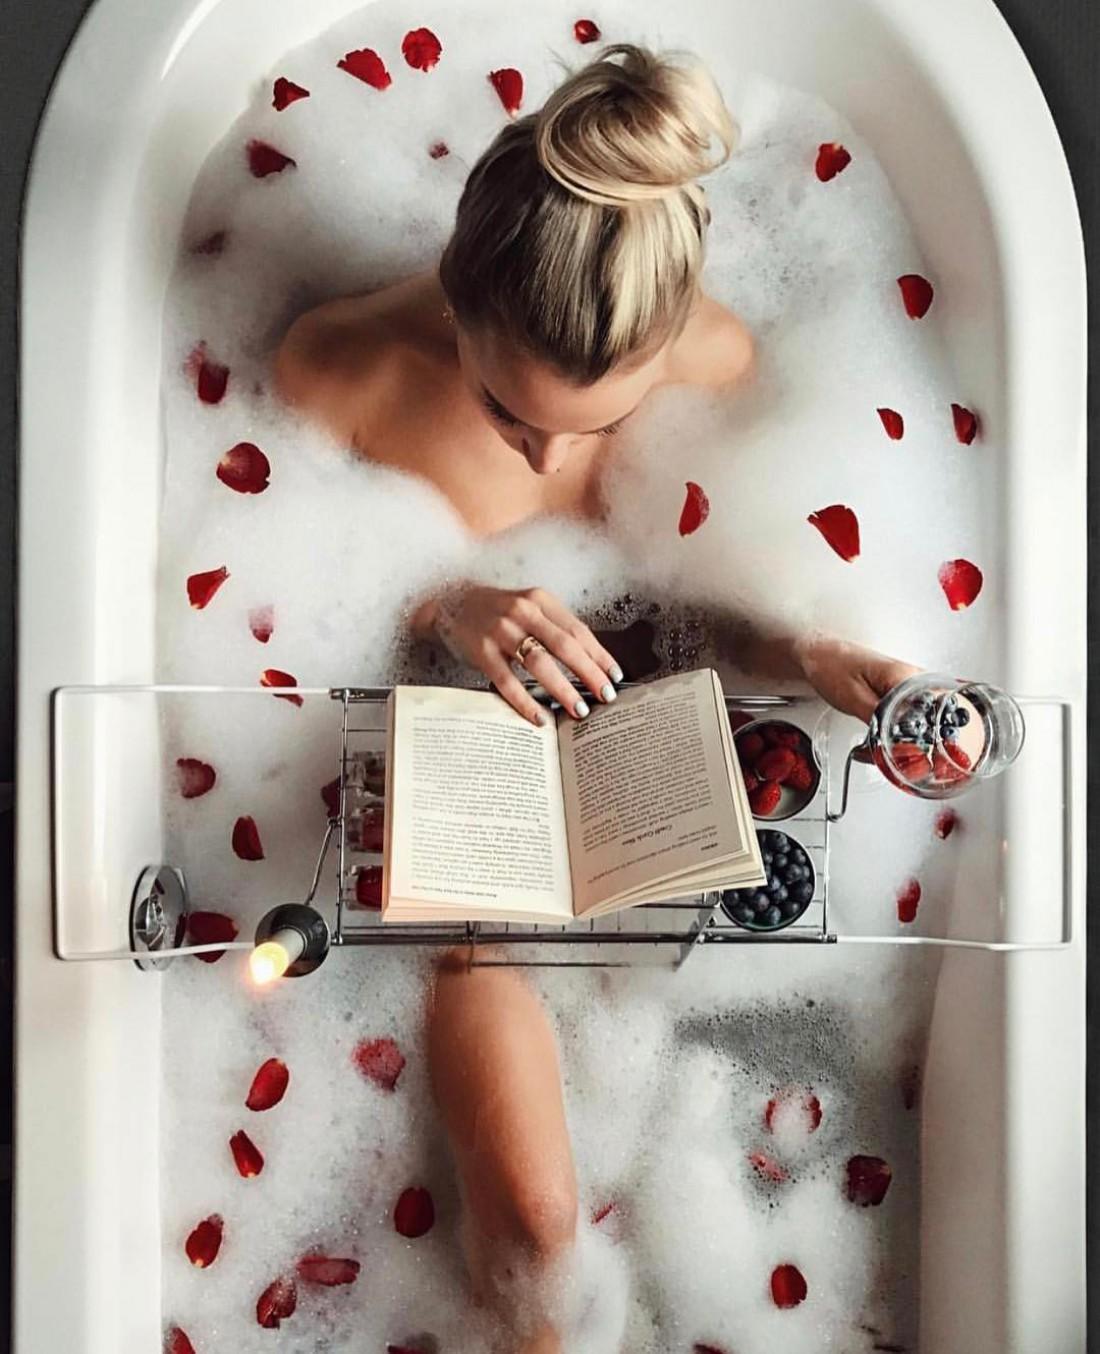 Теплая ванна поможет избавиться от стресса